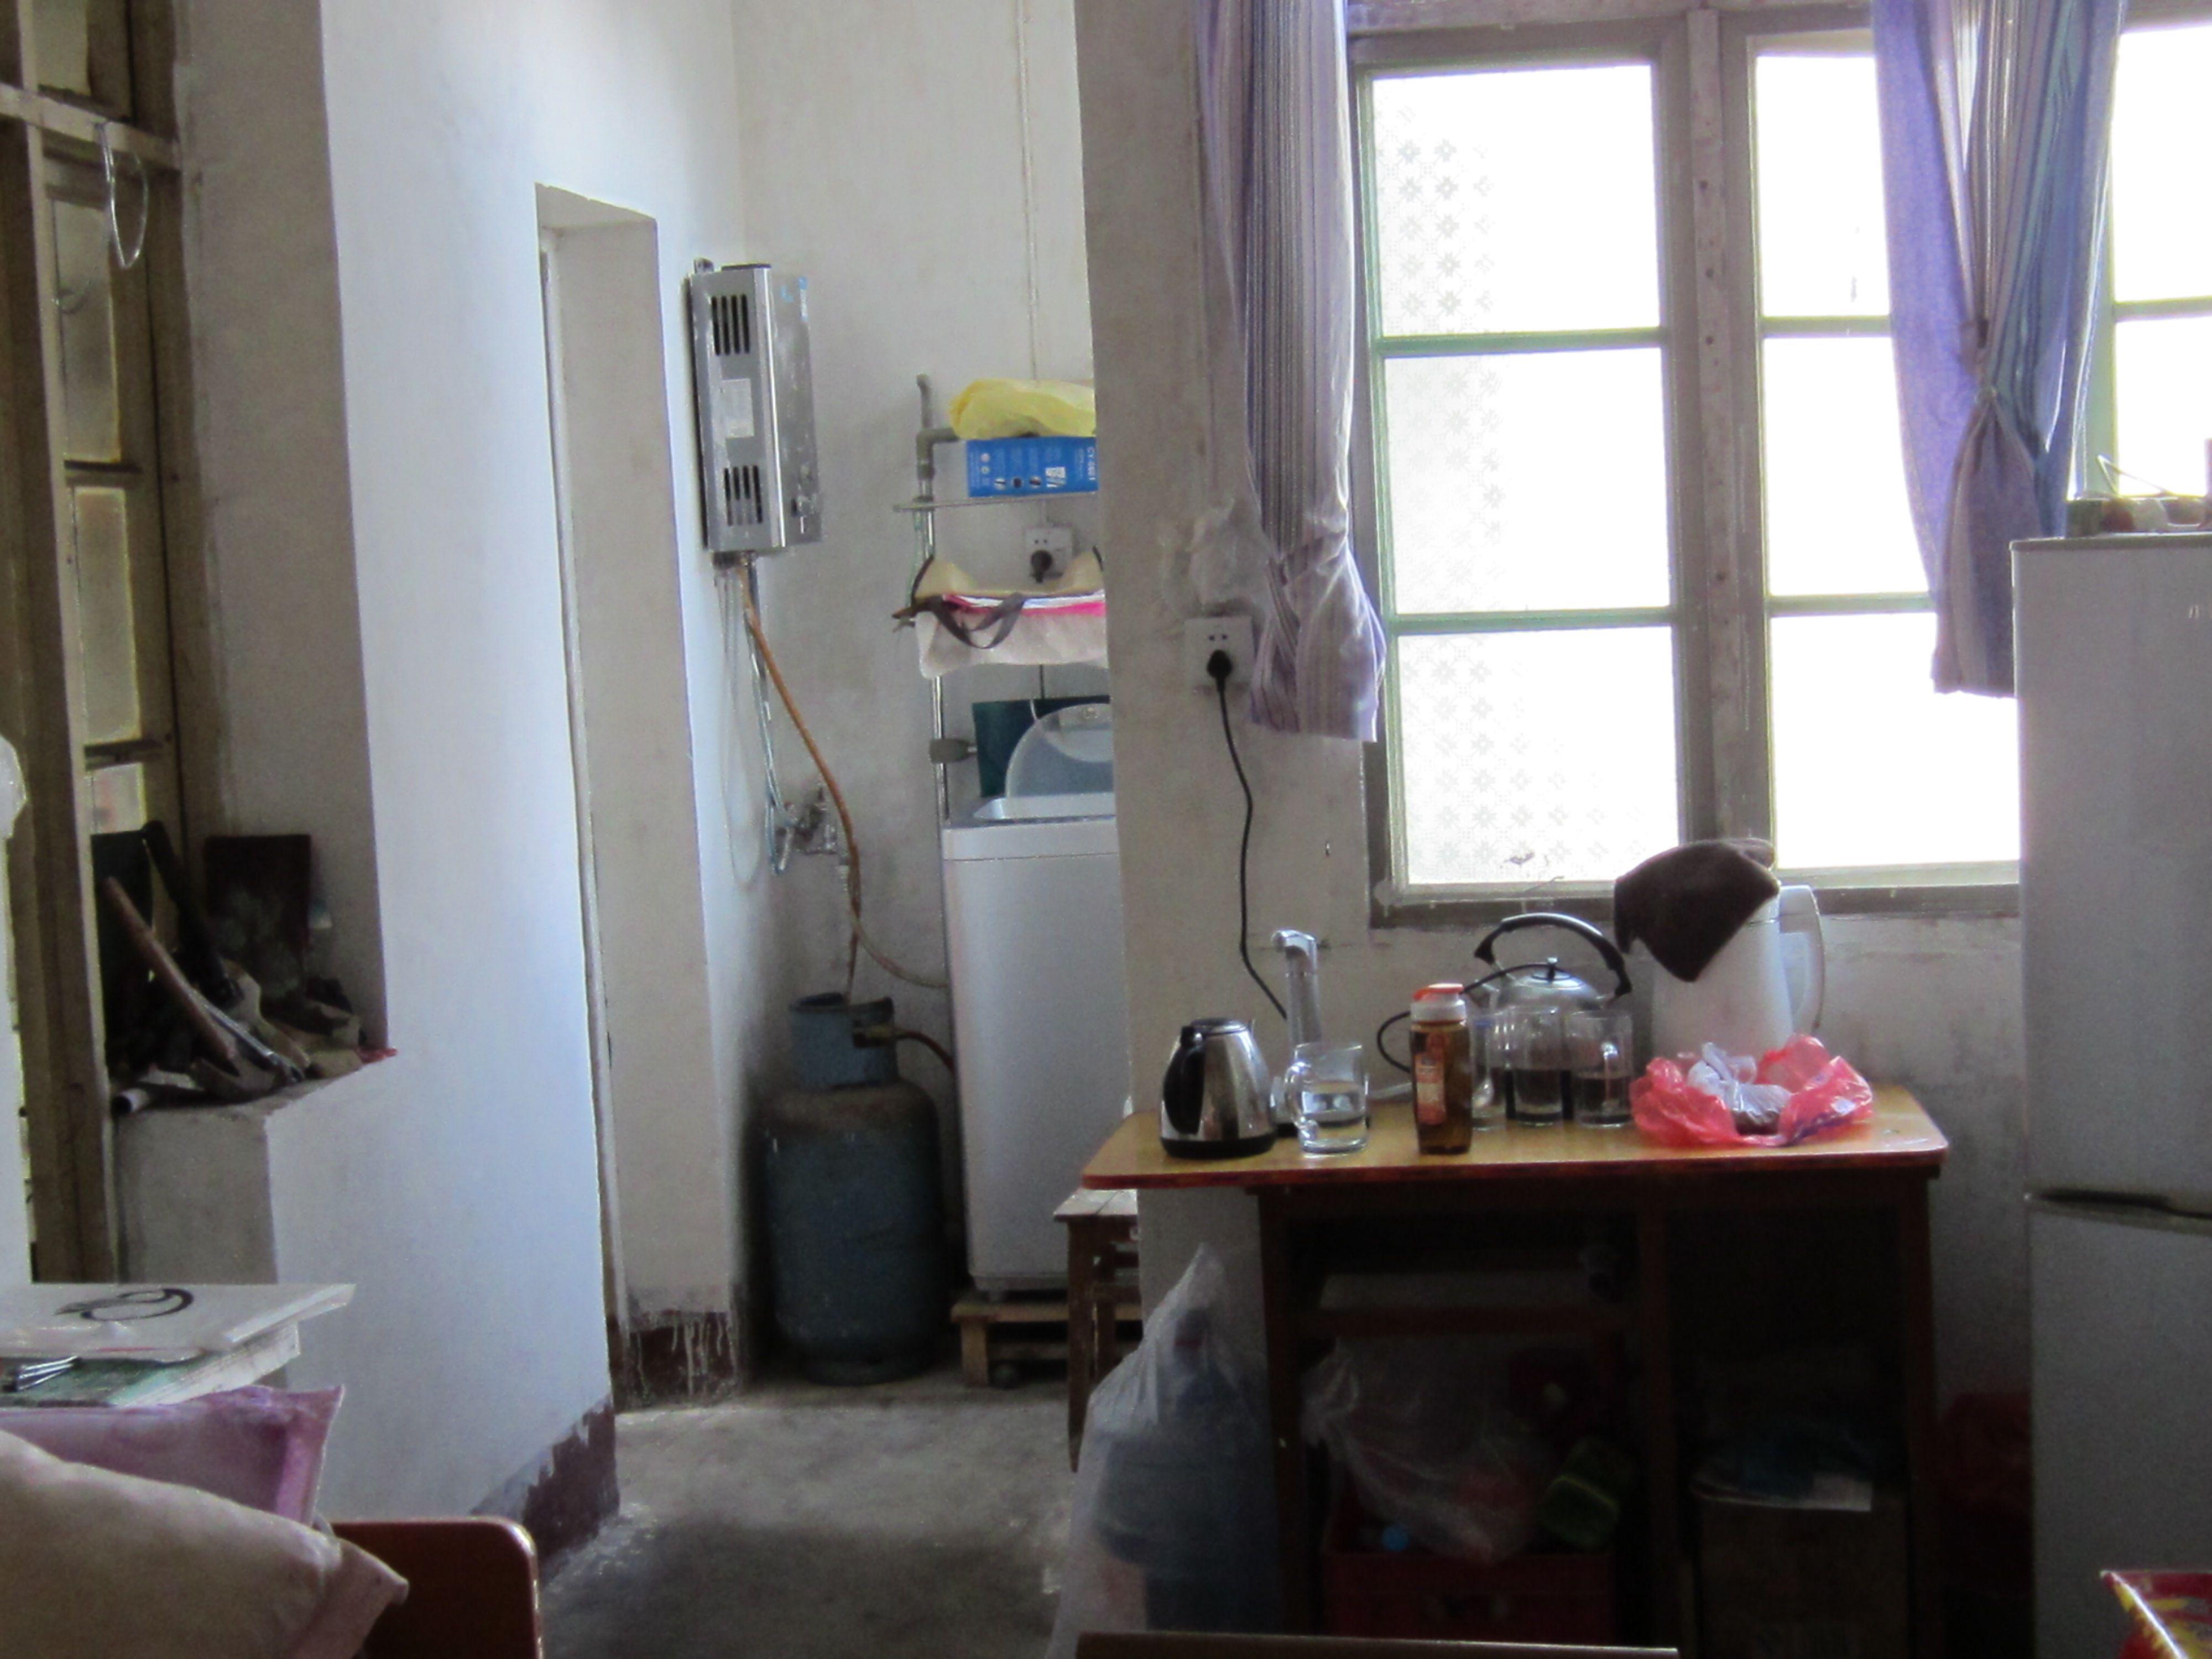 旧房子怎么布置才温馨?图片